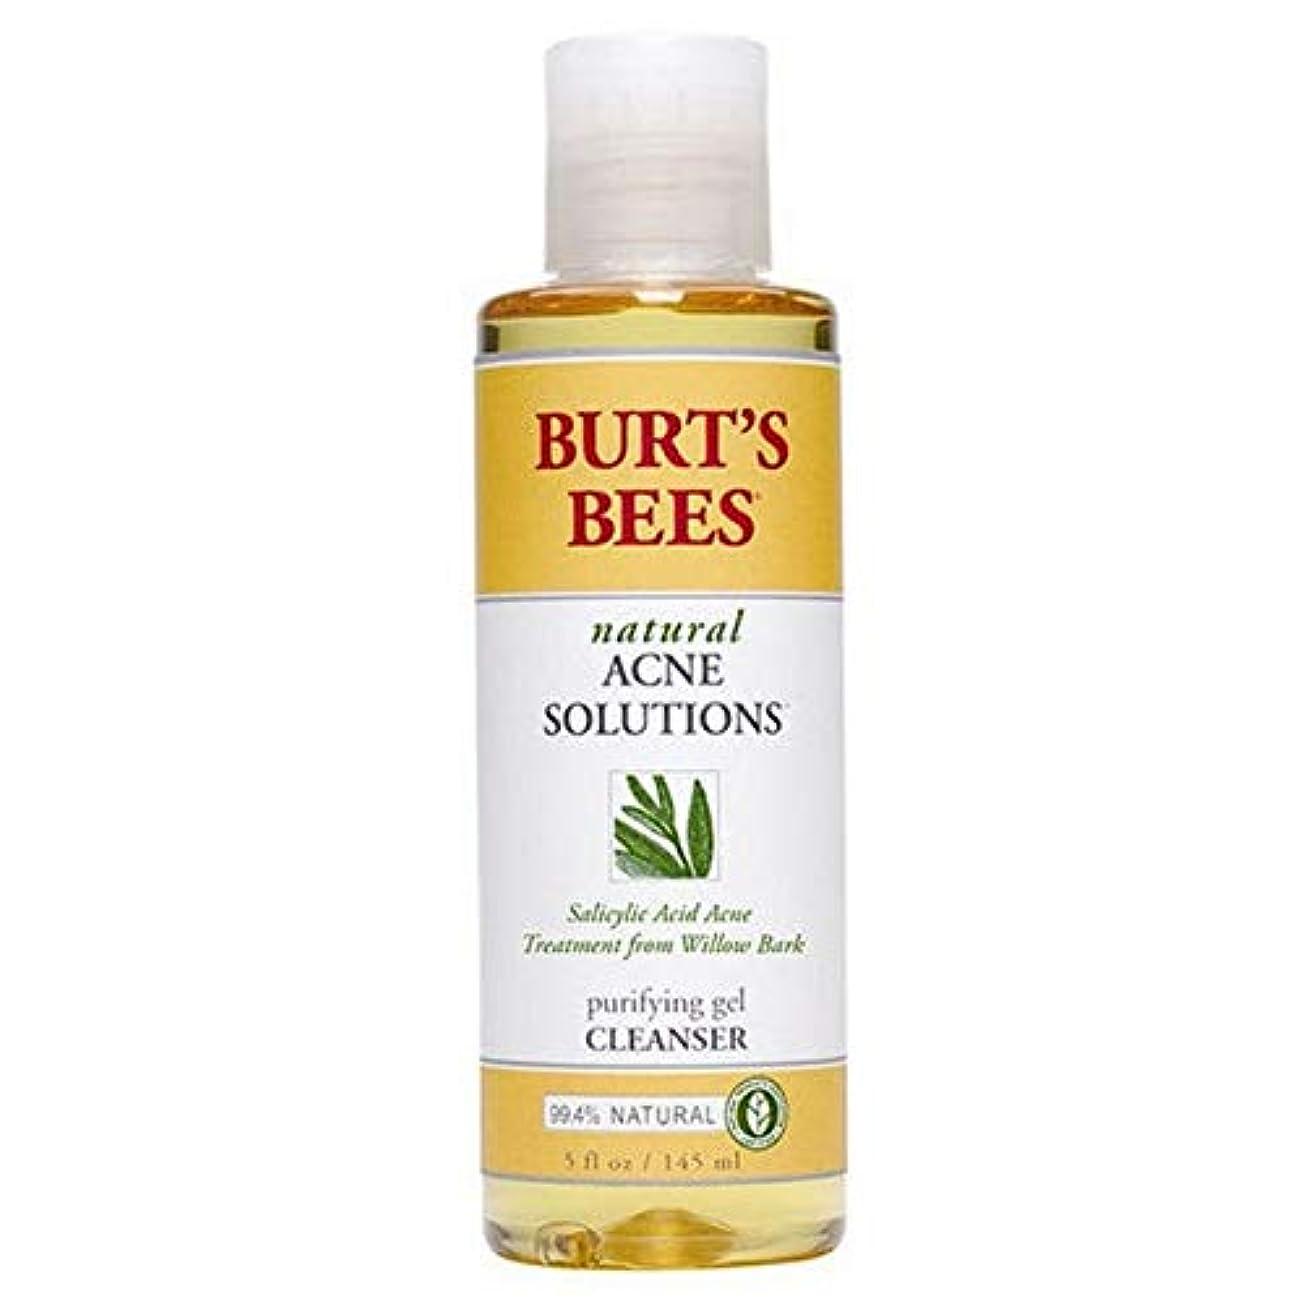 不潔立証するぐるぐる[Burt's Bees ] バーツビー反傷毎日クレンザー、145ミリリットル - Burt's Bees Anti Blemish Daily Cleanser, 145ml [並行輸入品]